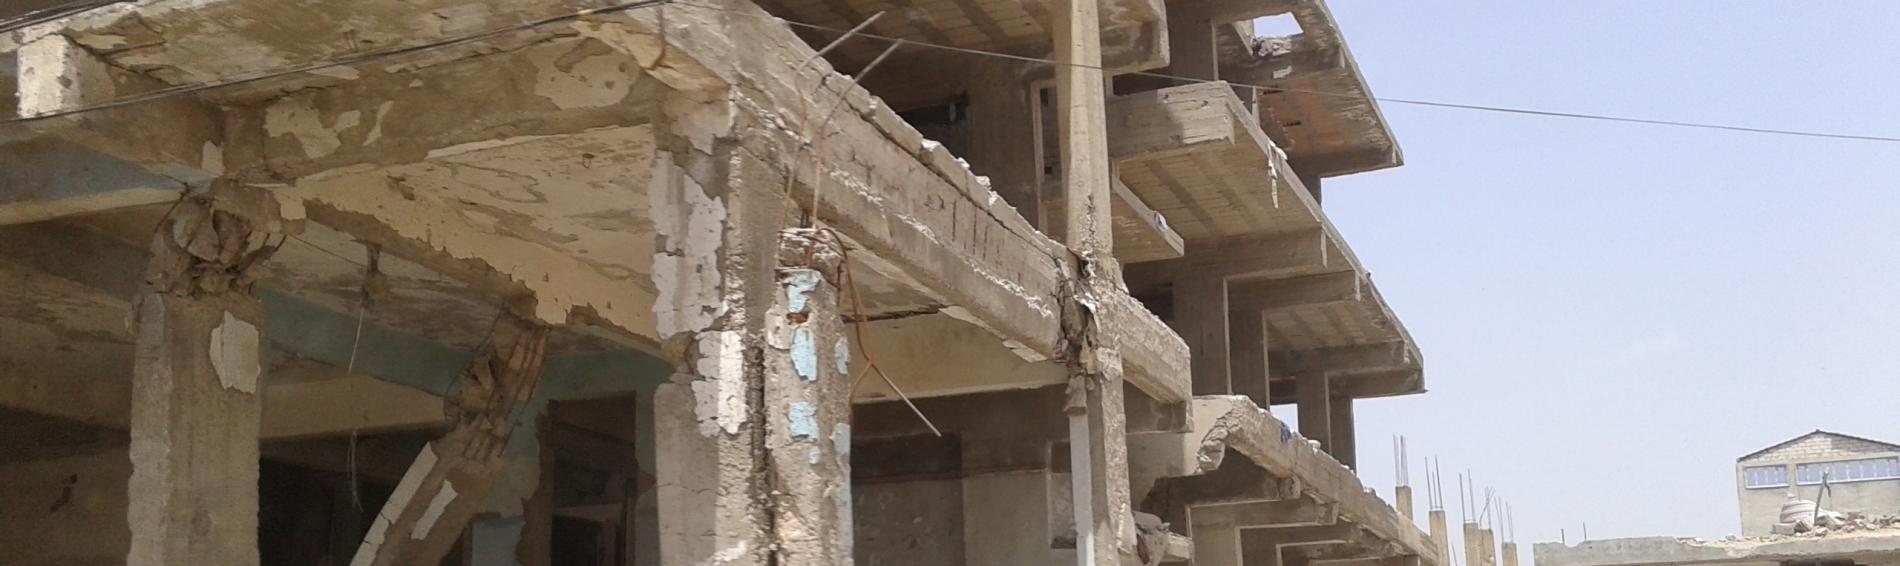 edificio afectado por la guerra en Siria